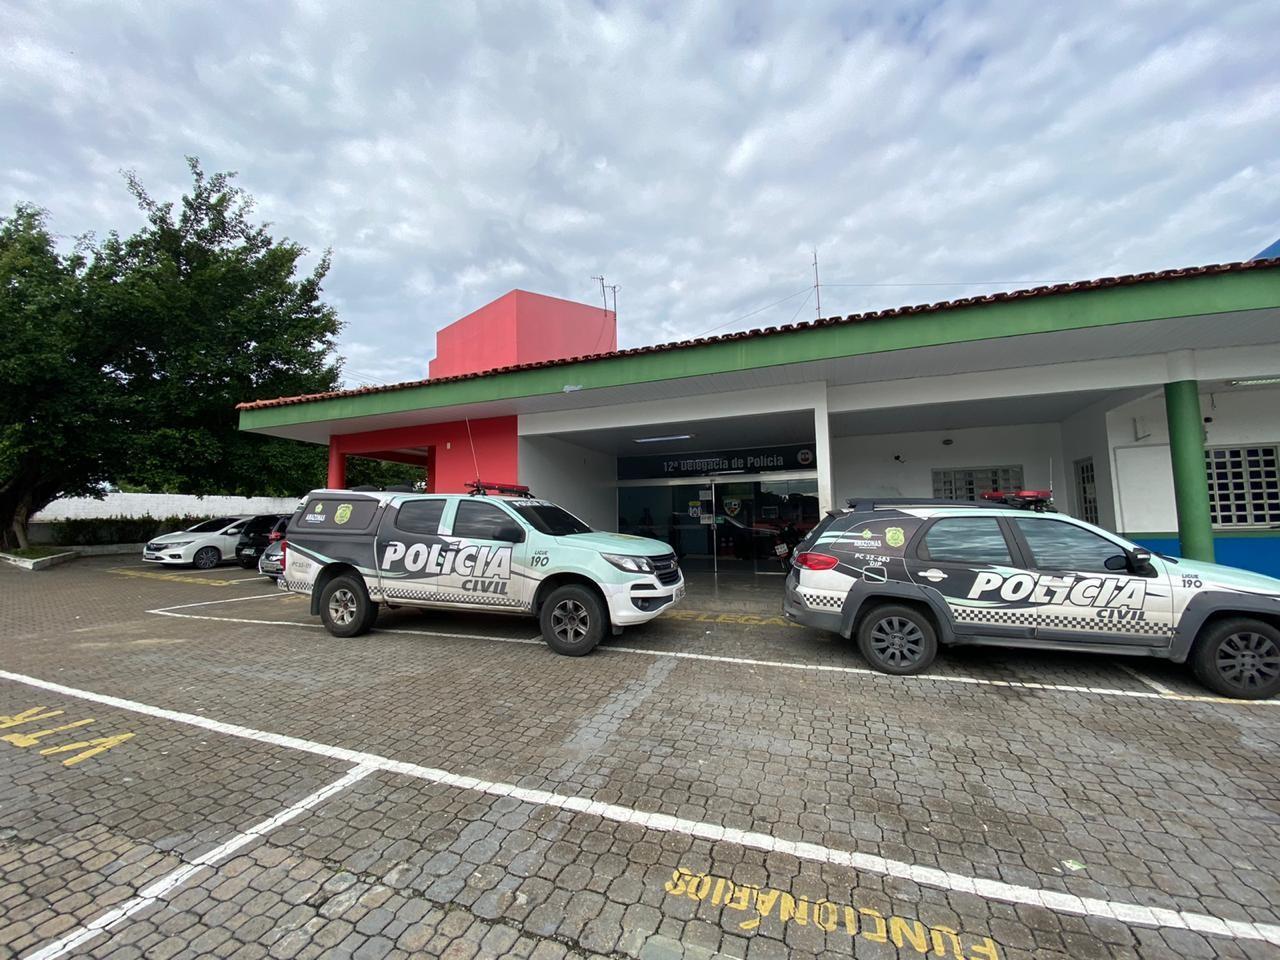 Mulher é presa suspeita de agredir motorista de transporte por aplicativo durante corrida, xingar e acusar policiais de roubo em Manaus